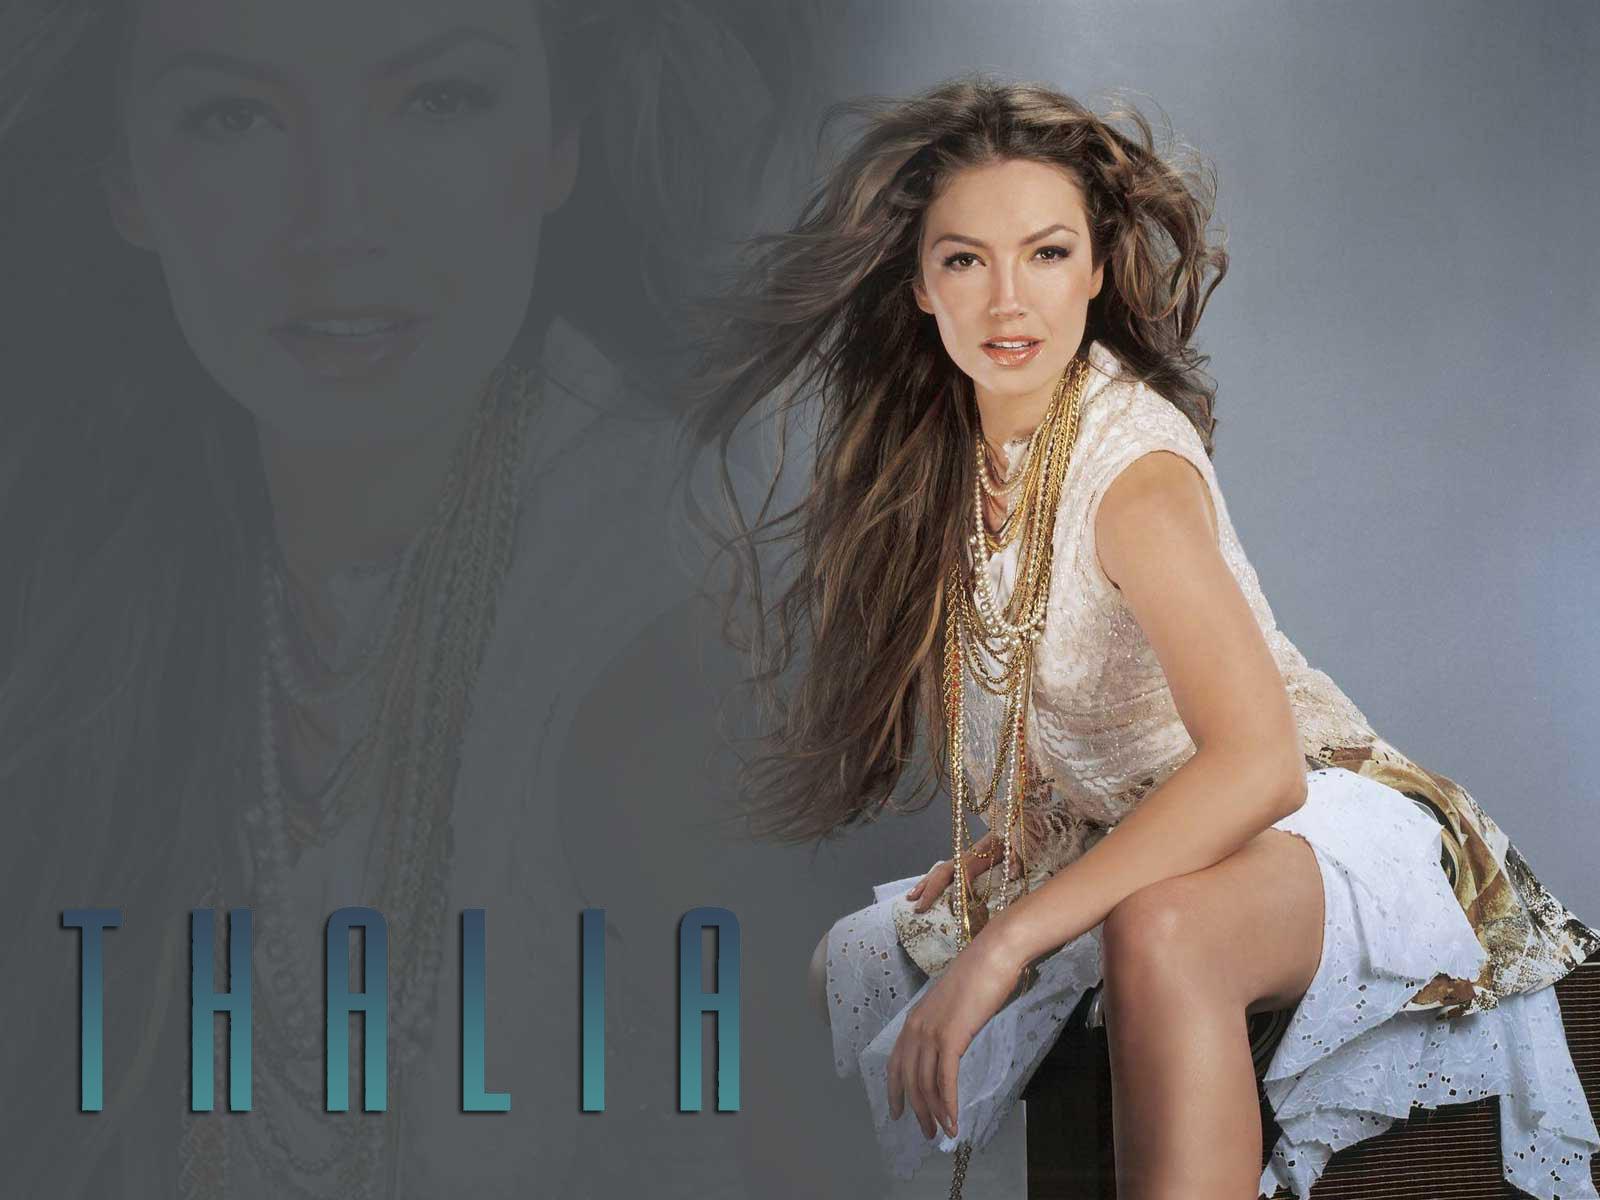 https://i0.wp.com/images4.fanpop.com/image/photos/20700000/Thalia-thalia-20736504-1600-1200.jpg